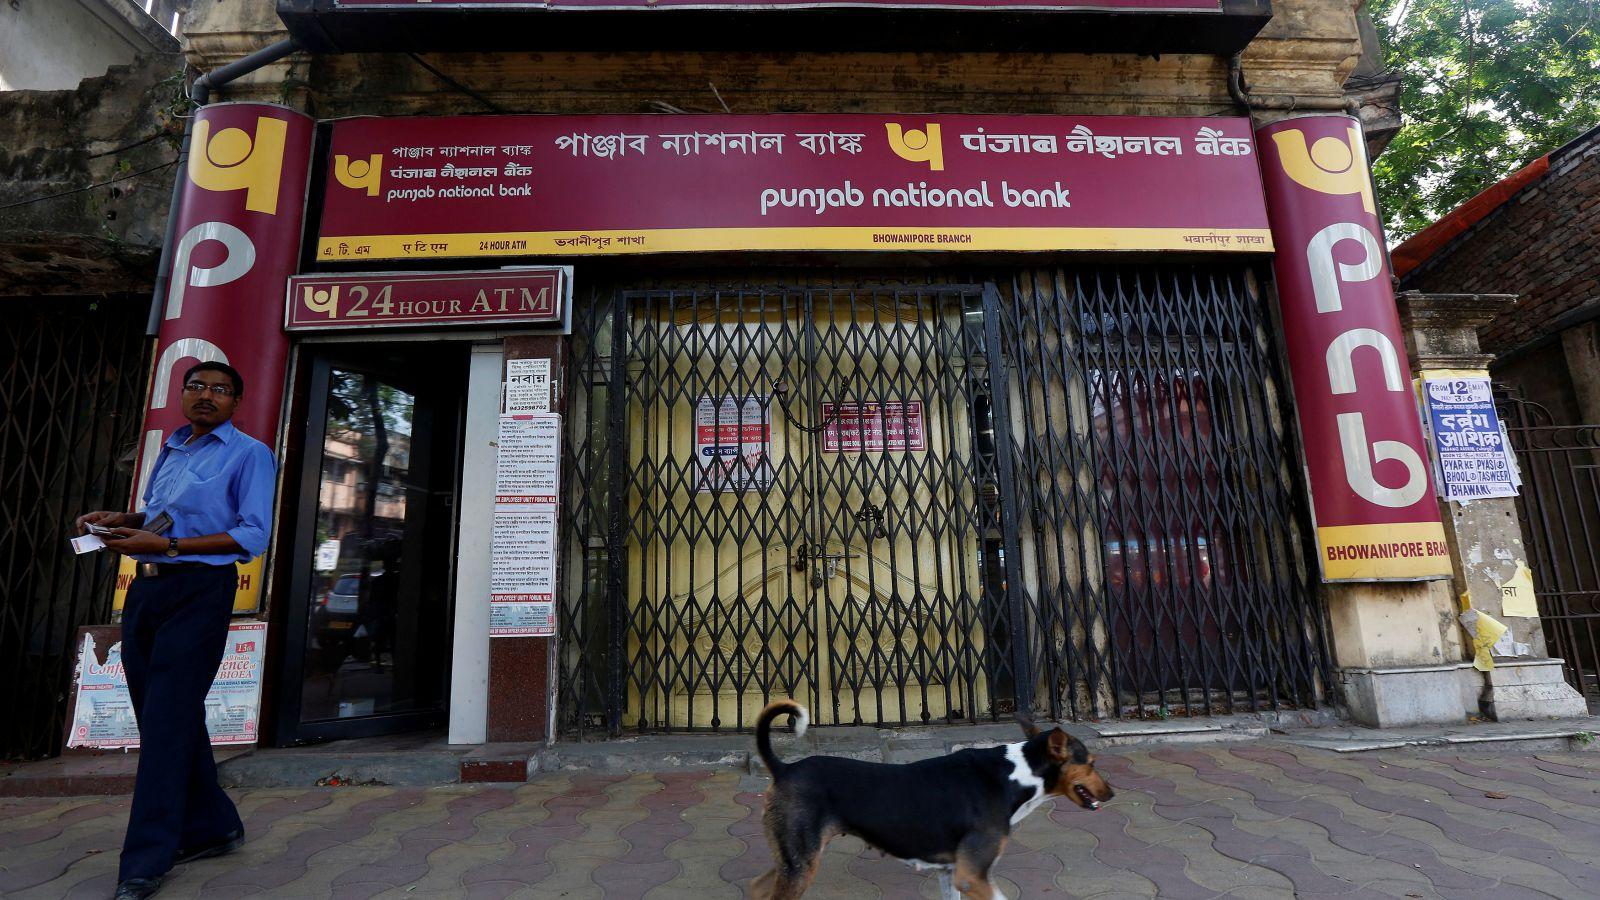 A man exits Punjab National Bank's building as a stray dog walks past in Kolkata, India May 16, 2017